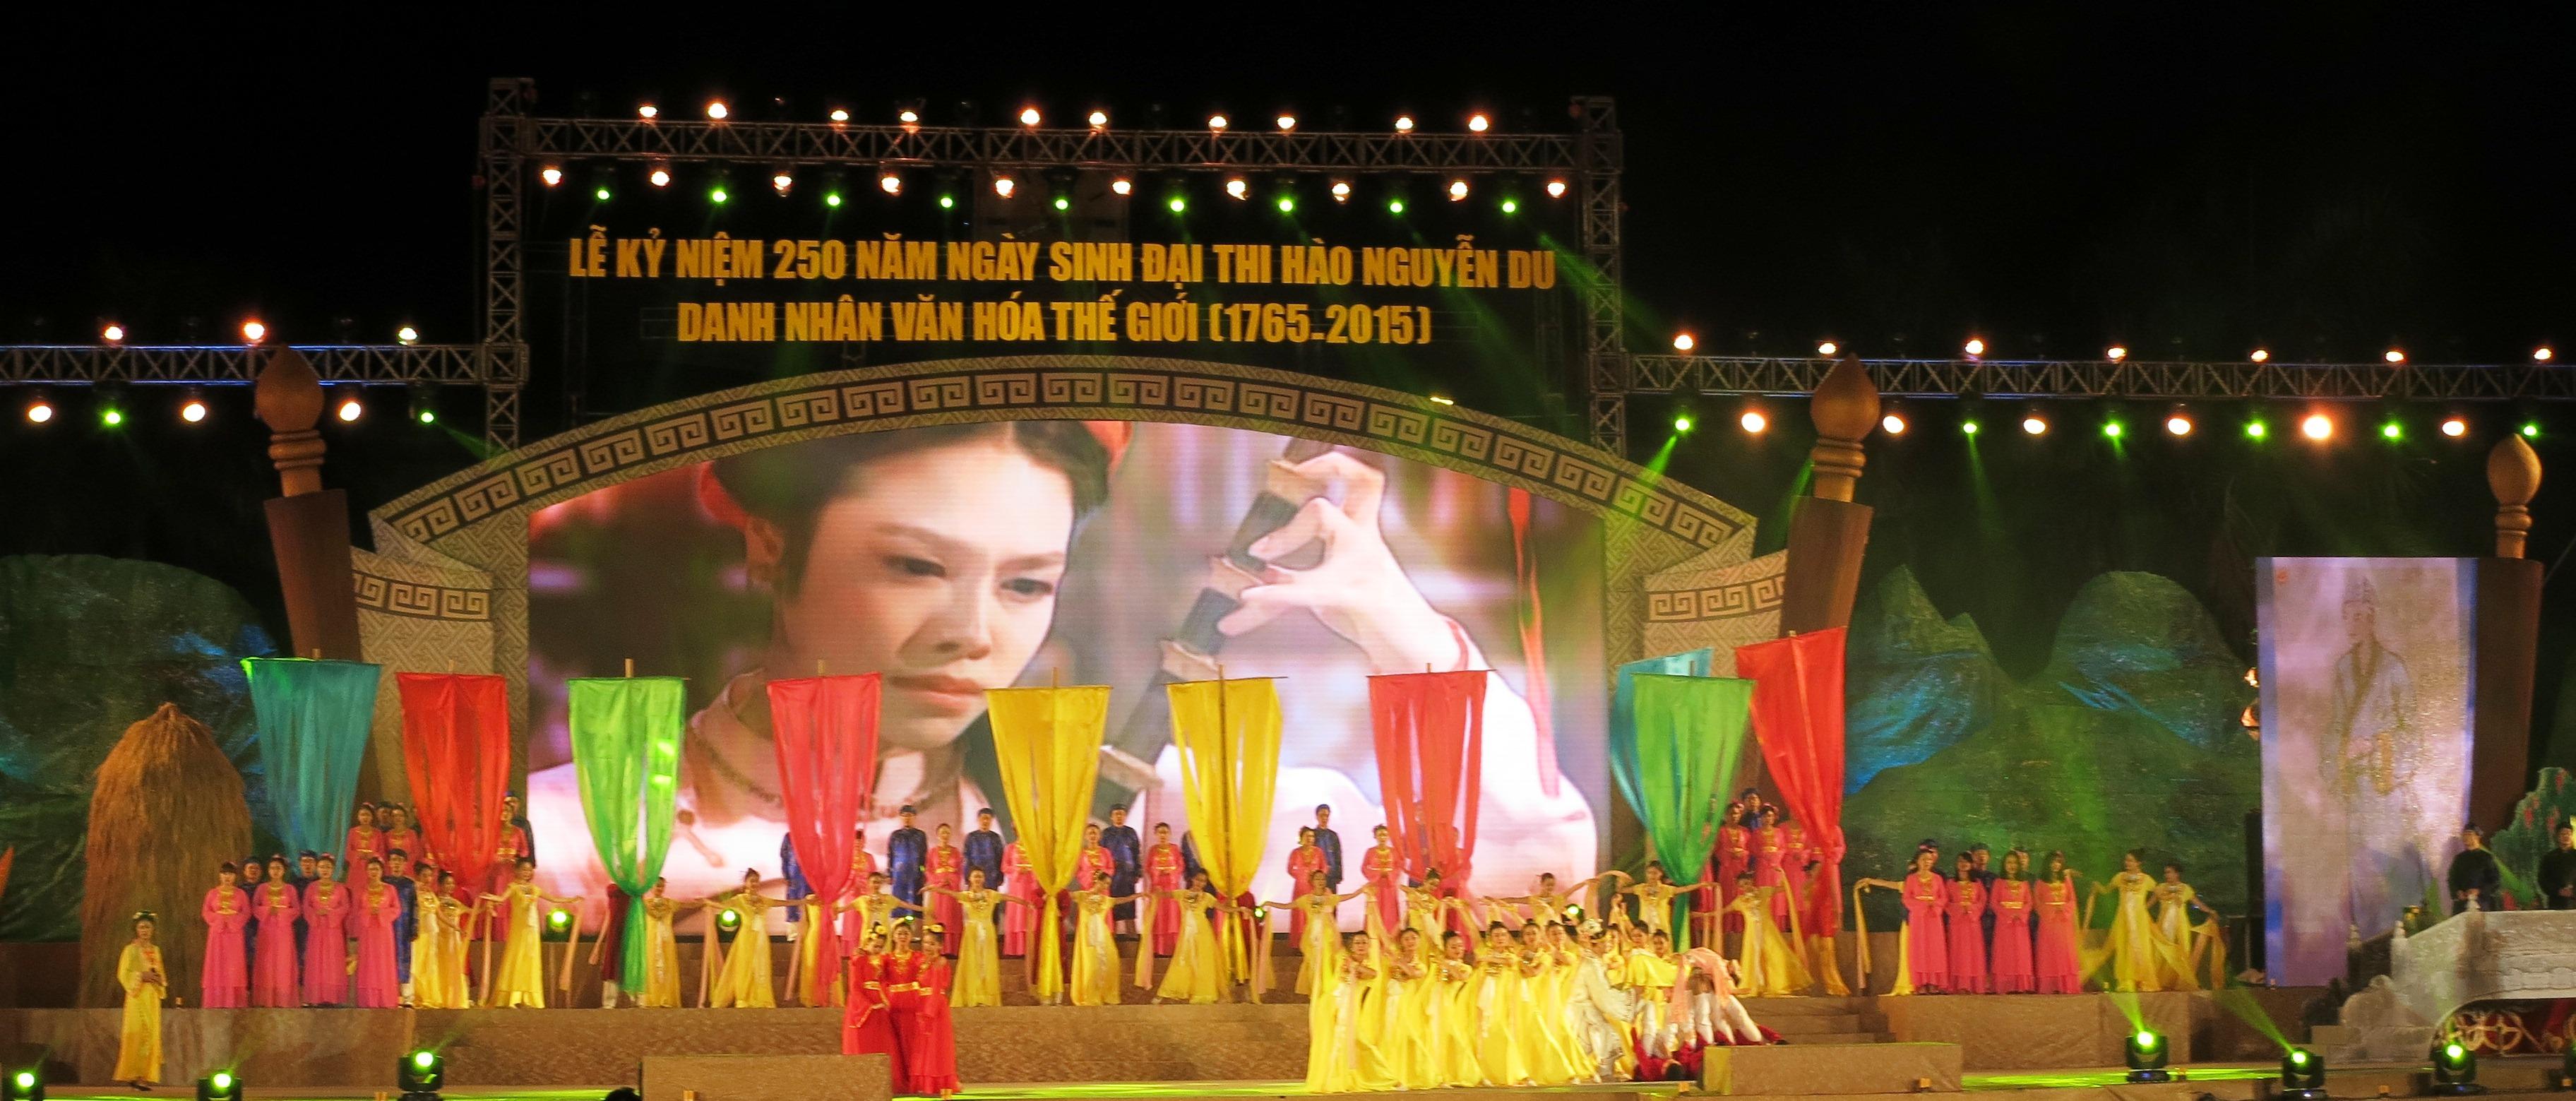 Long trọng kỷ niệm 250 năm Ngày sinh Đại thi hào Nguyễn Du